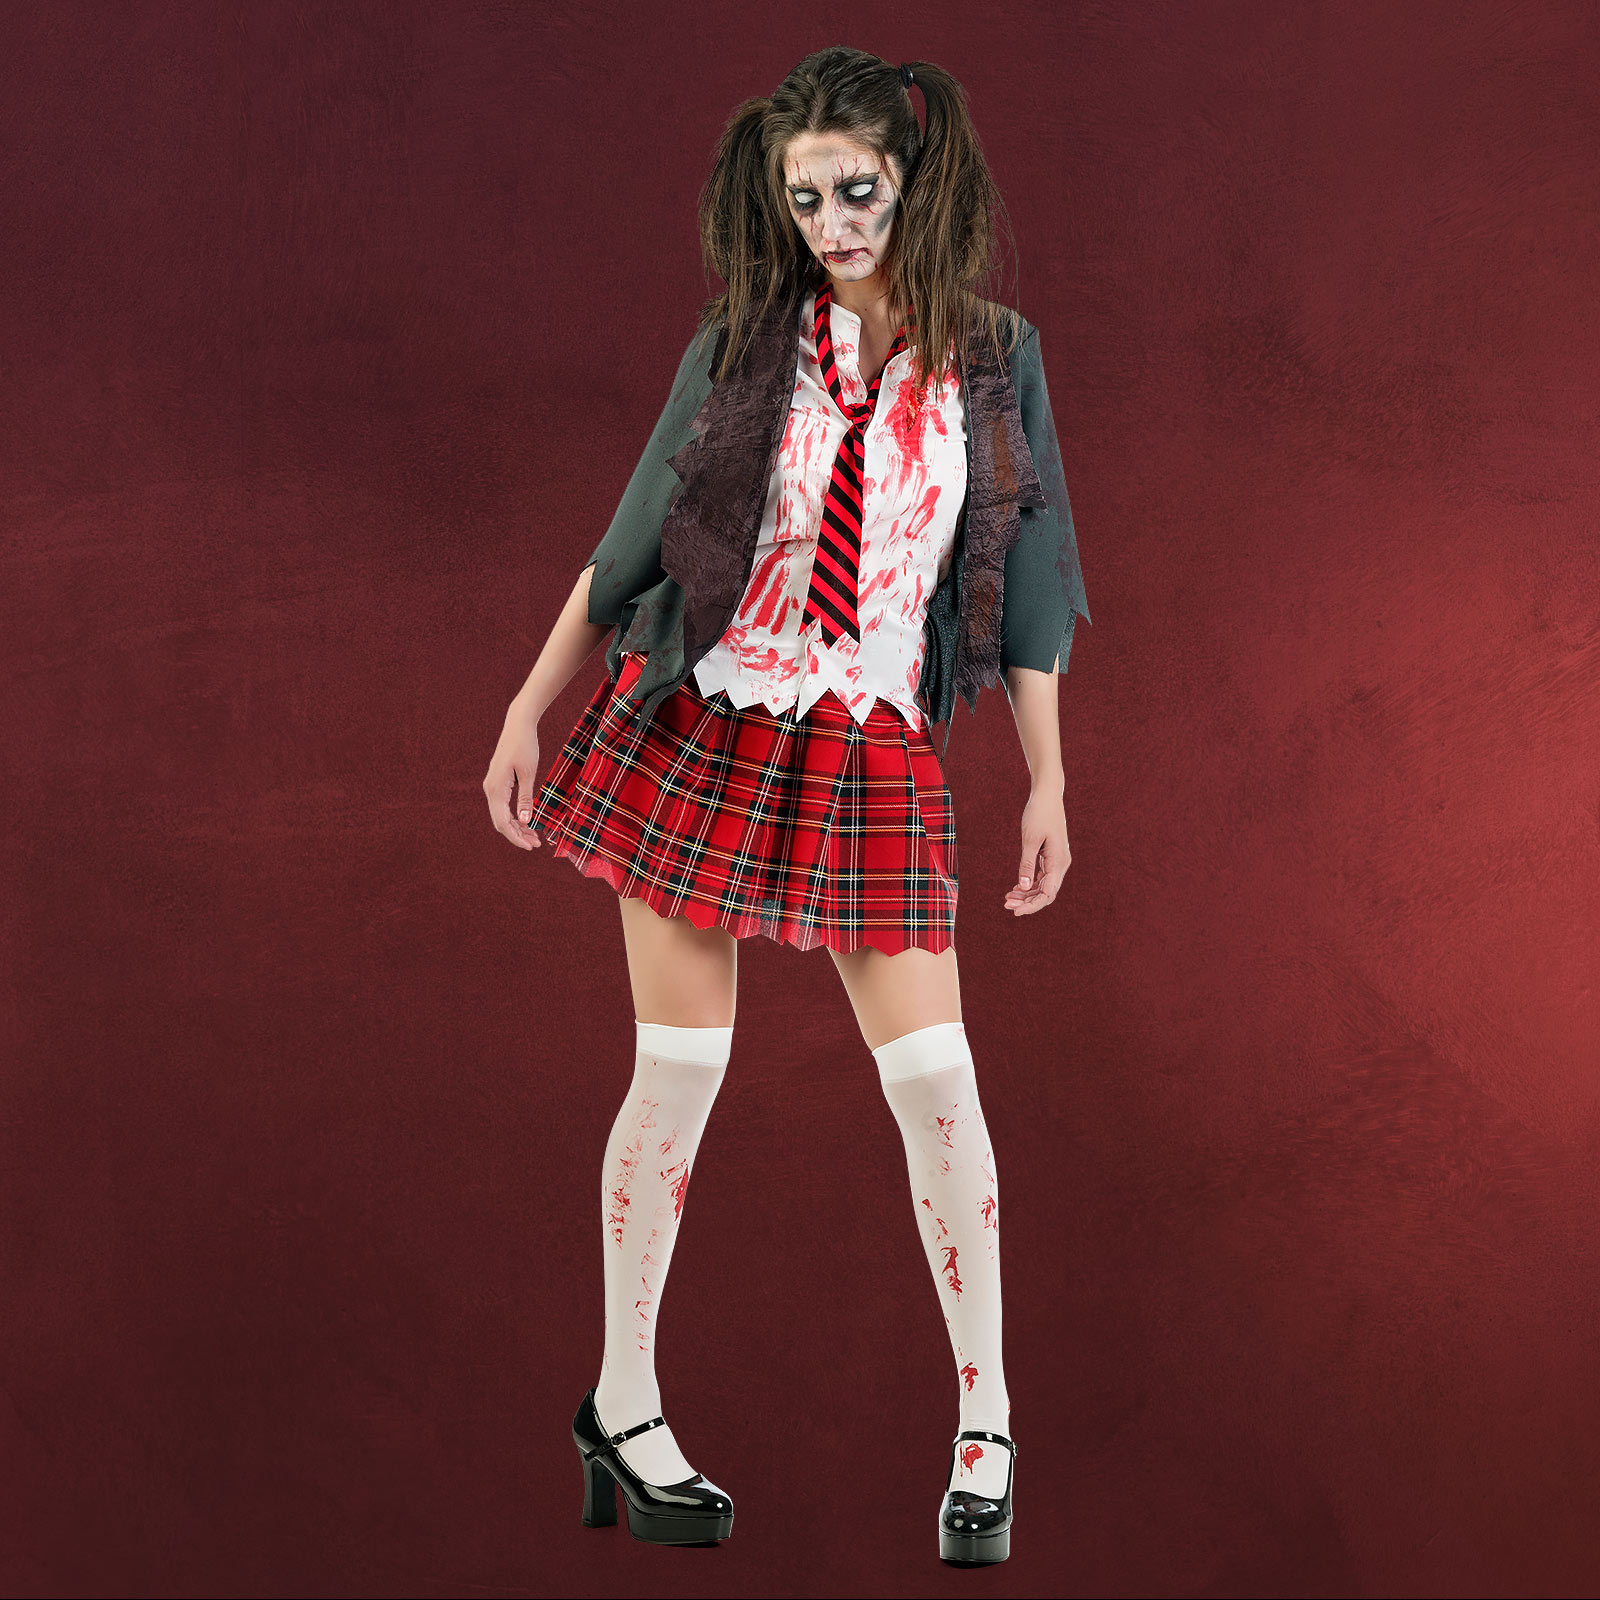 zombie schoolgirl horror kost m elbenwald. Black Bedroom Furniture Sets. Home Design Ideas